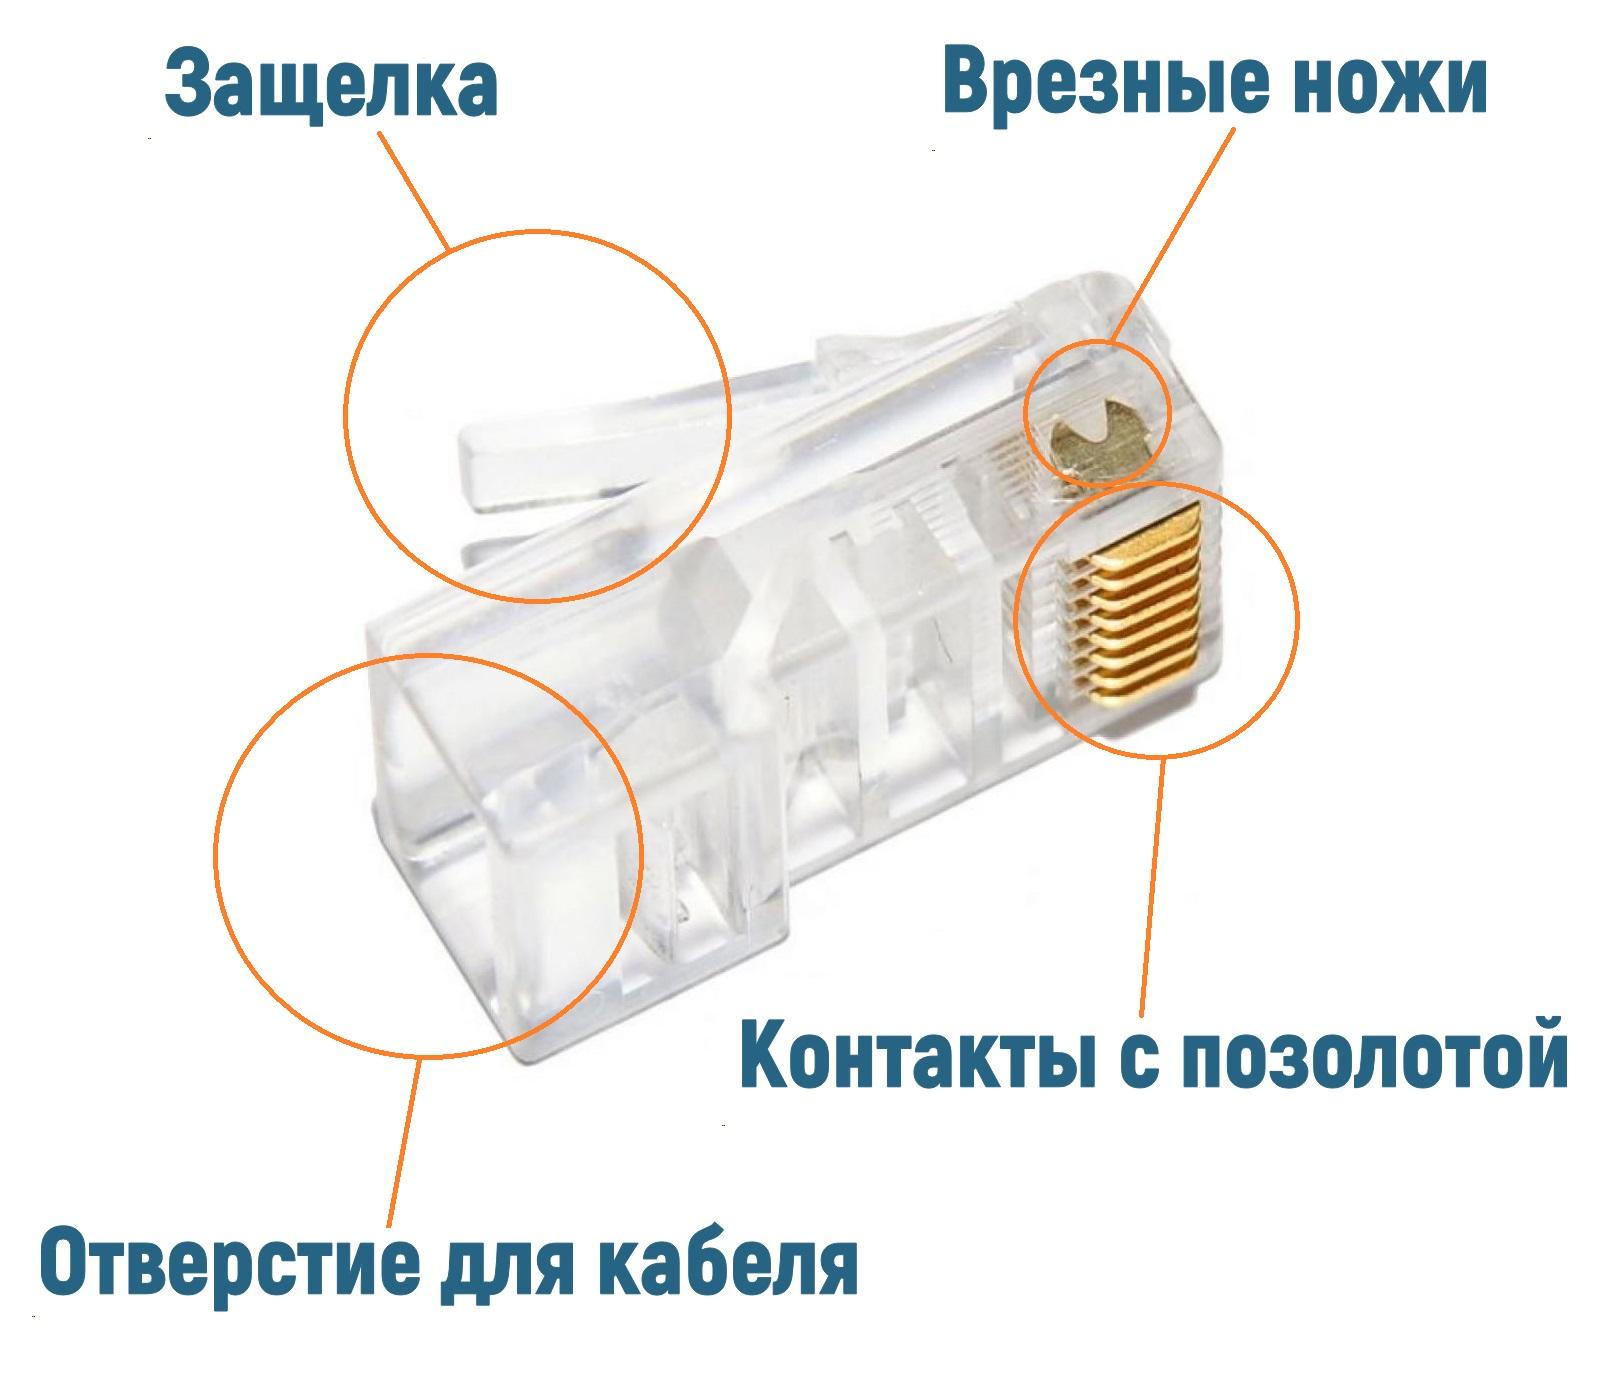 Коннектор. что такое коннектор, и какие бывают типы коннекторов?